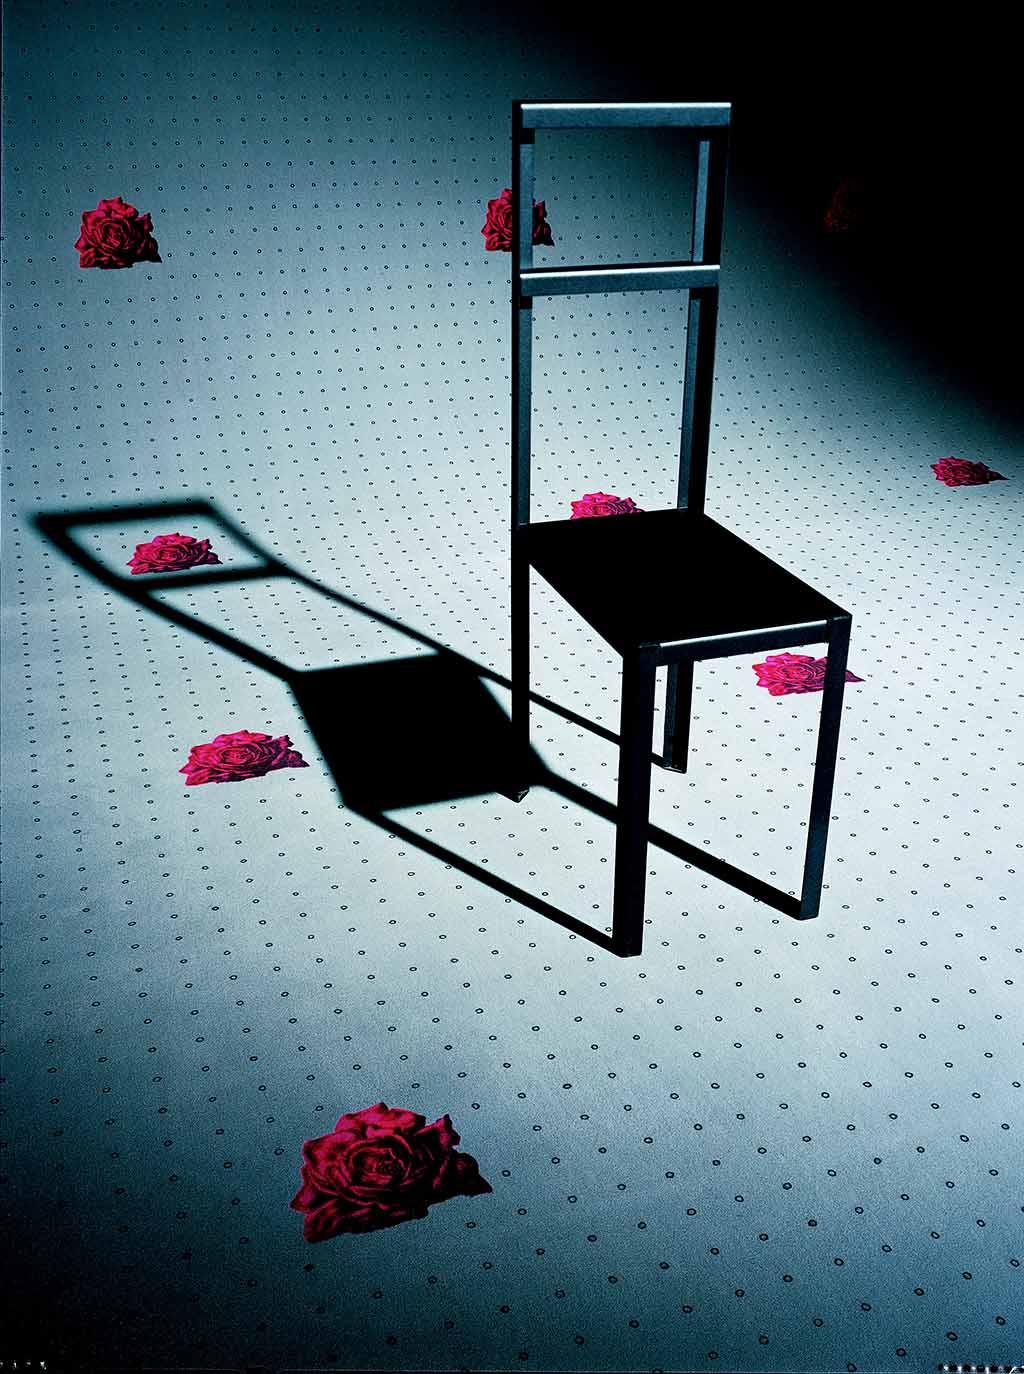 Der Teppich- und Staubsaugerhersteller Vorwerk aus Wuppertal ließ von Künstler Robert Wilson Teppiche wie auch Events entwerfen